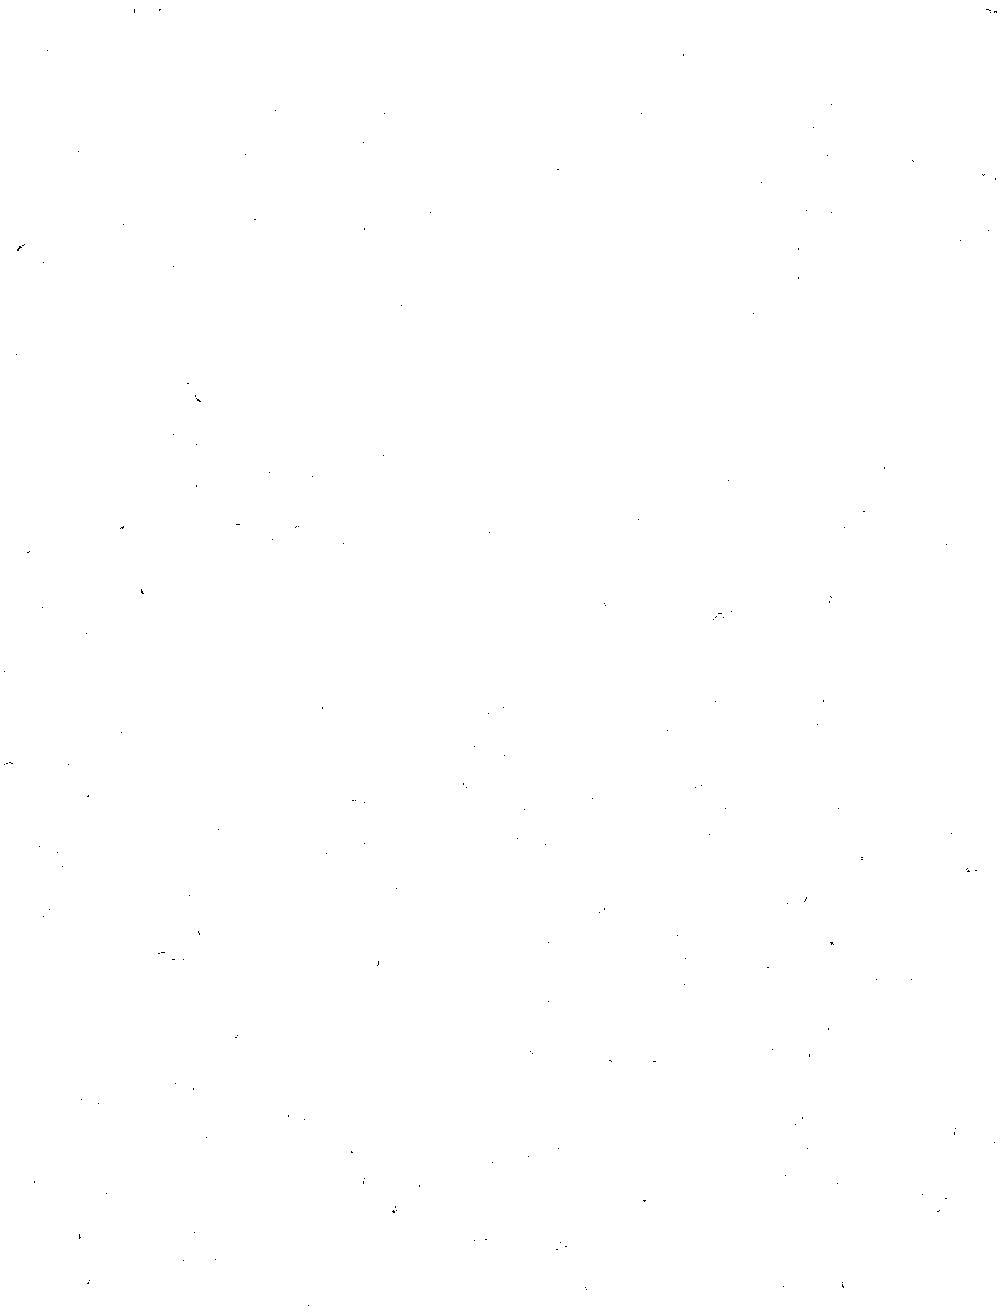 bsb00005569_00005.jpg